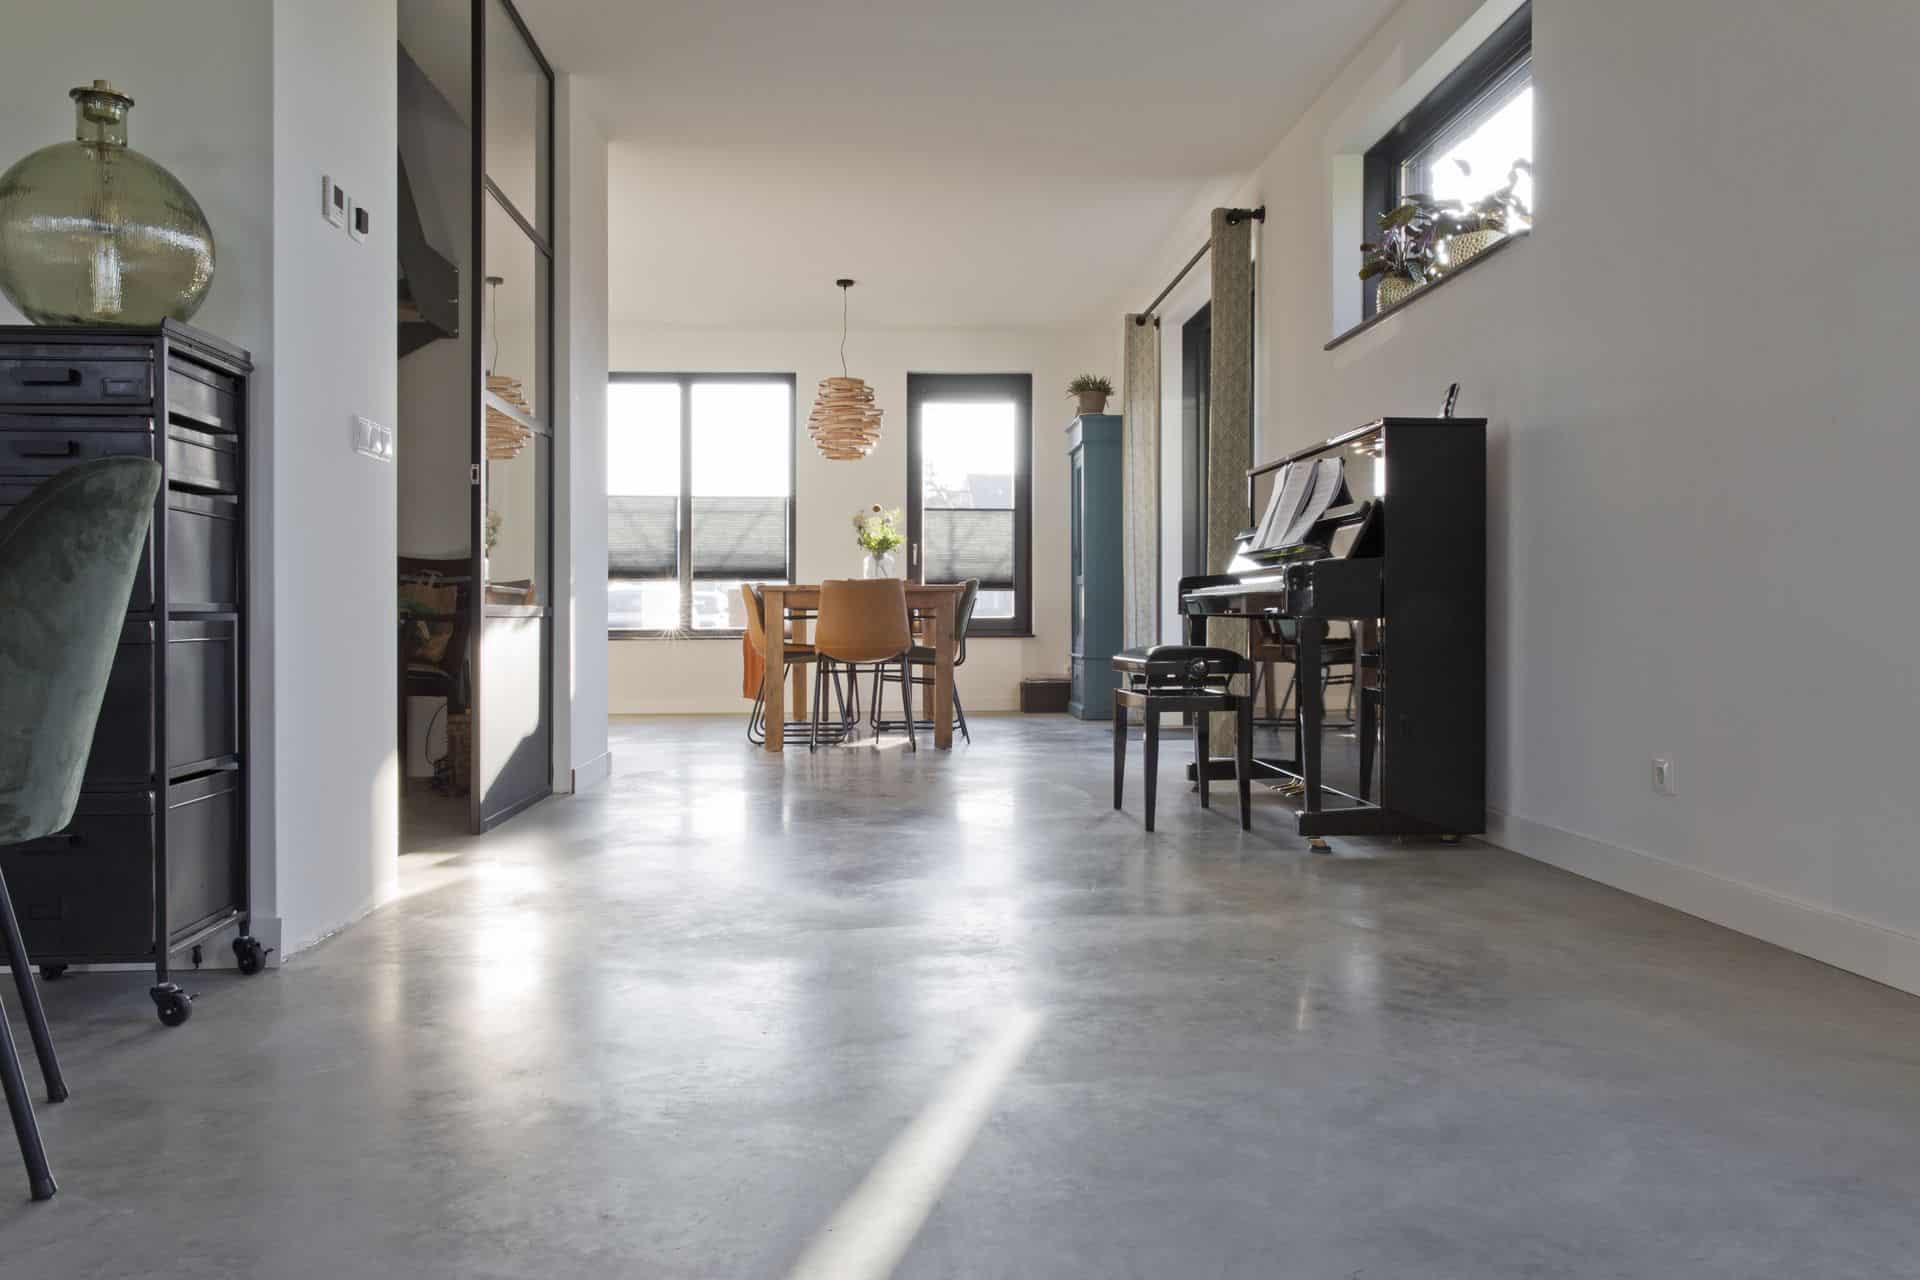 woning met gerealiseerde woonbeton vloer, betonnen vloer gevlinderd in woning